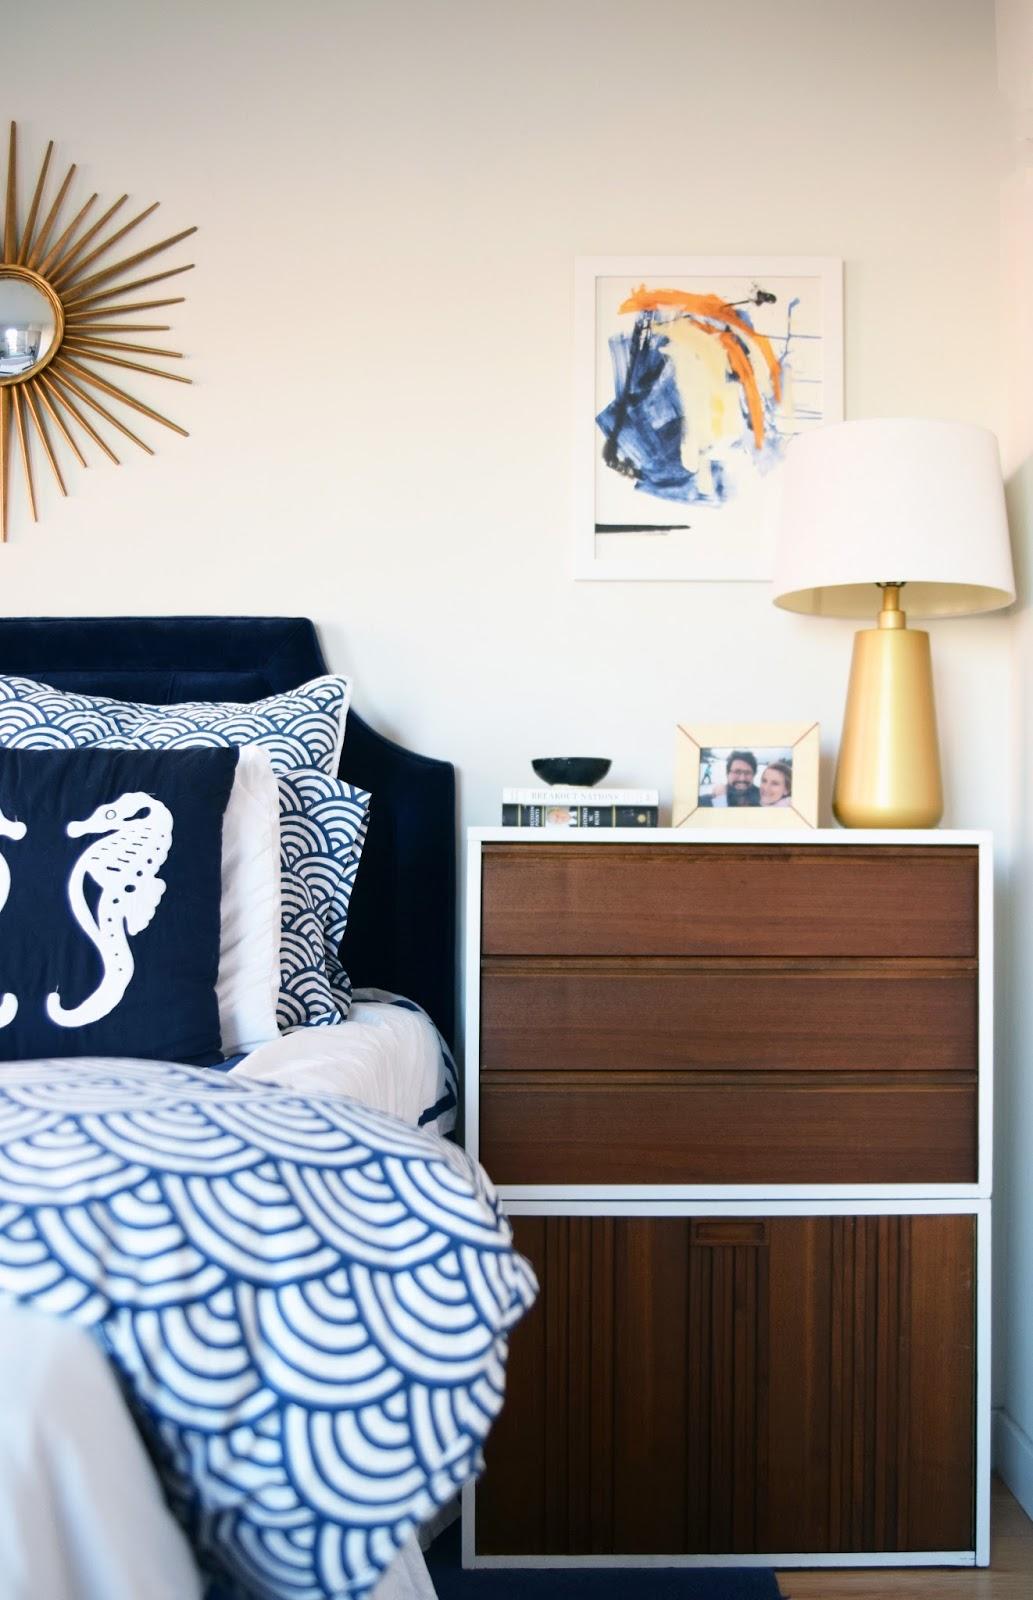 Sourcing Vintage Furniture for the Bedroom